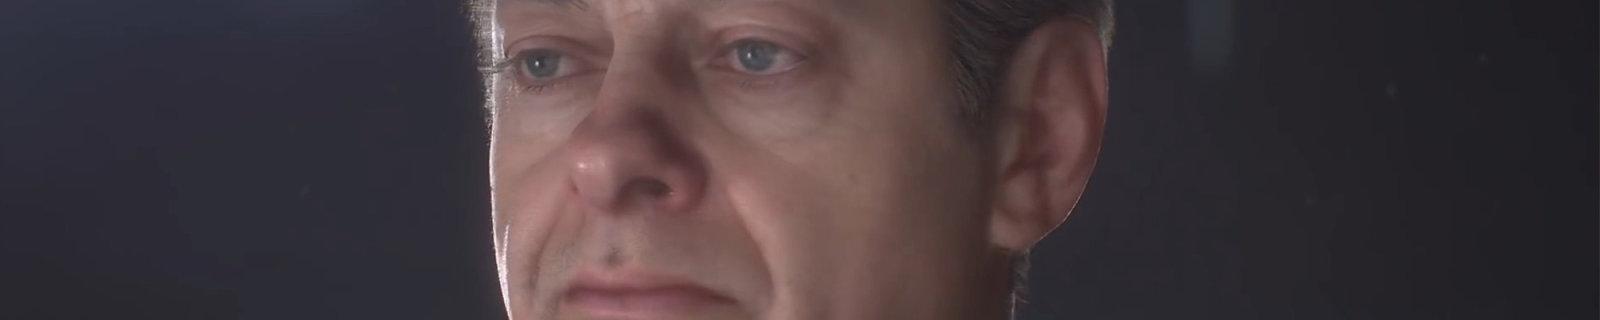 以假乱真的渲染技术让人惊叹,GDC 2018 虚幻引擎面捕短片出炉